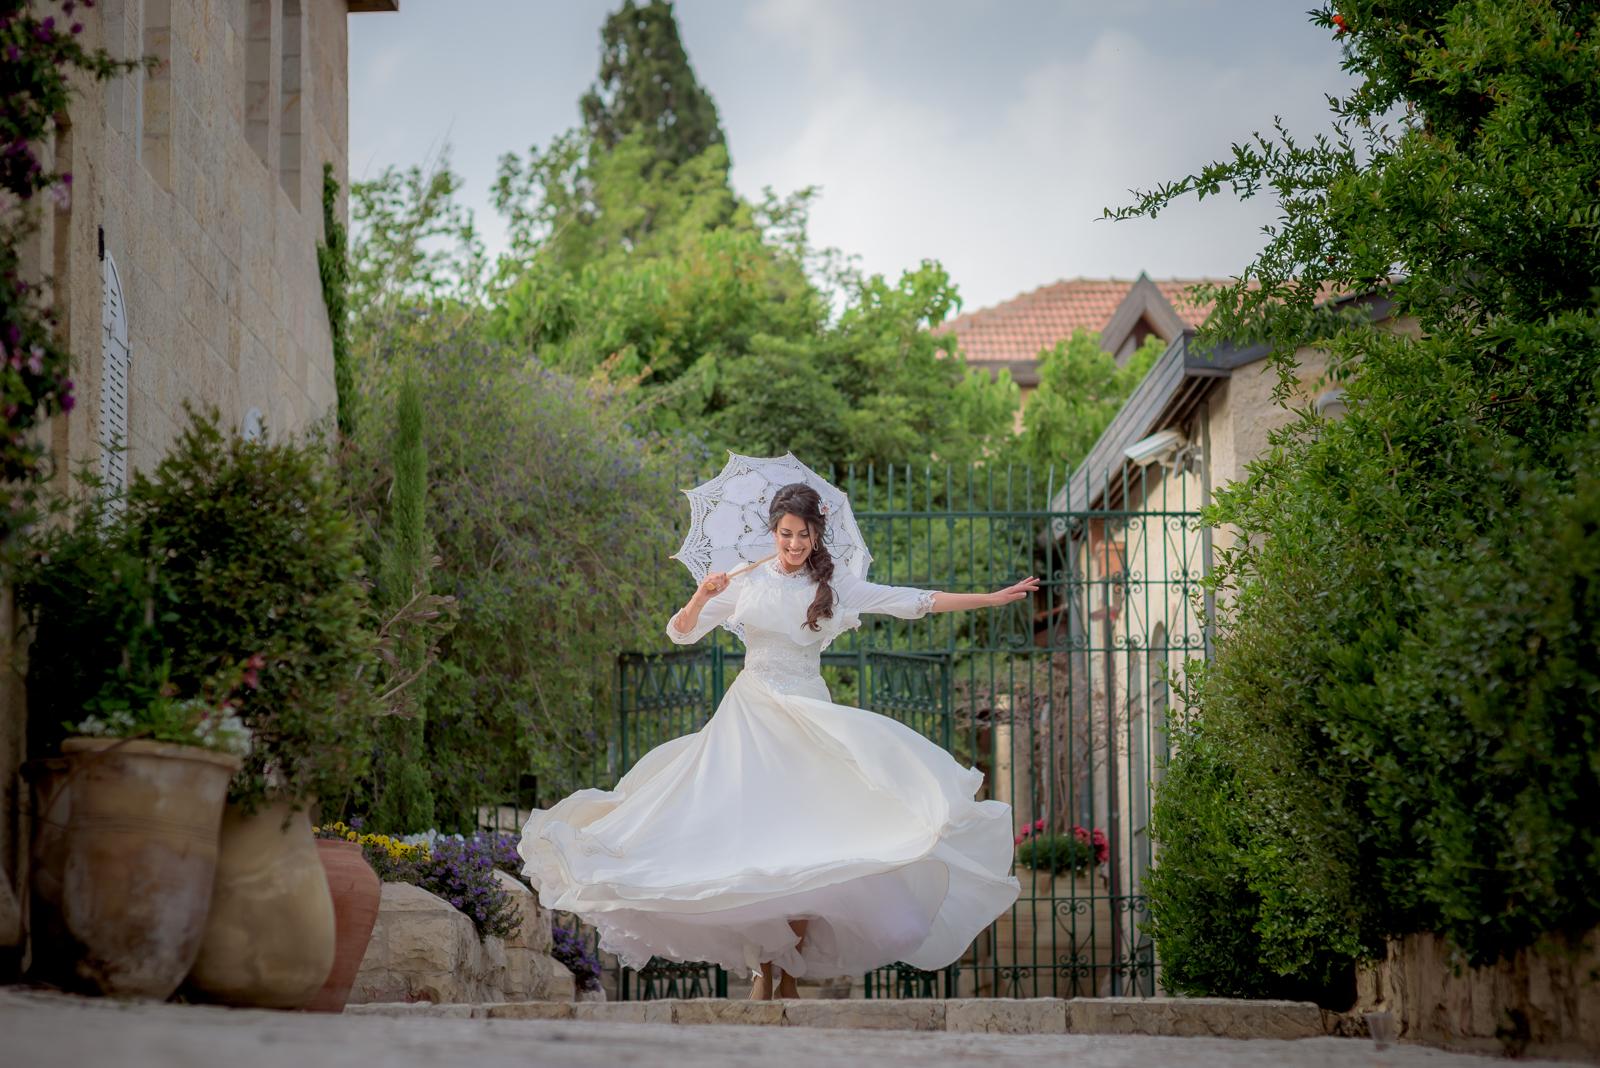 צלם לחתונה צילום חתונה-1006.jpg